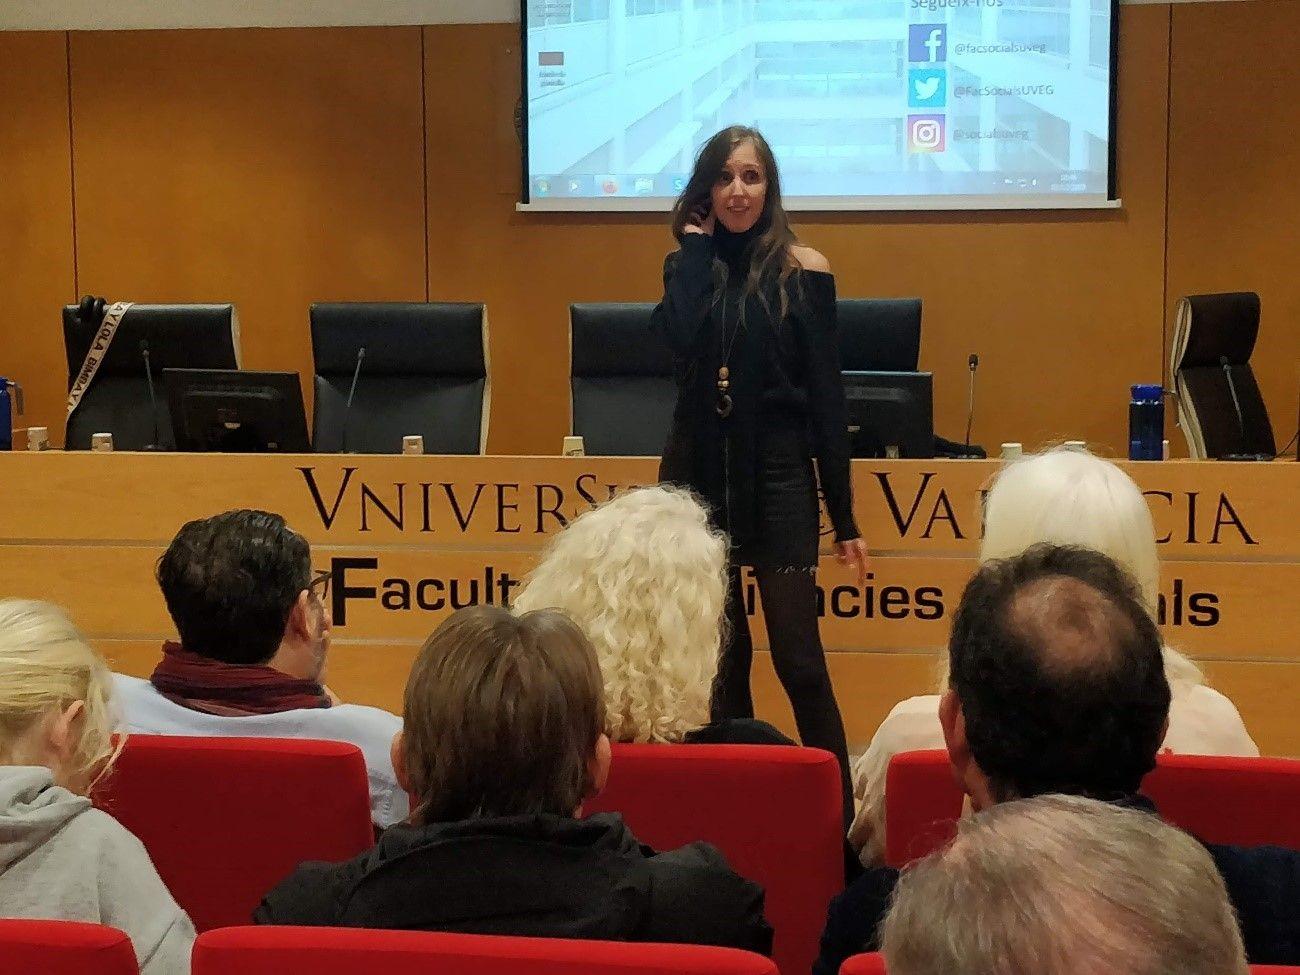 Presentación exposición fotográfica de Ana Yturralde